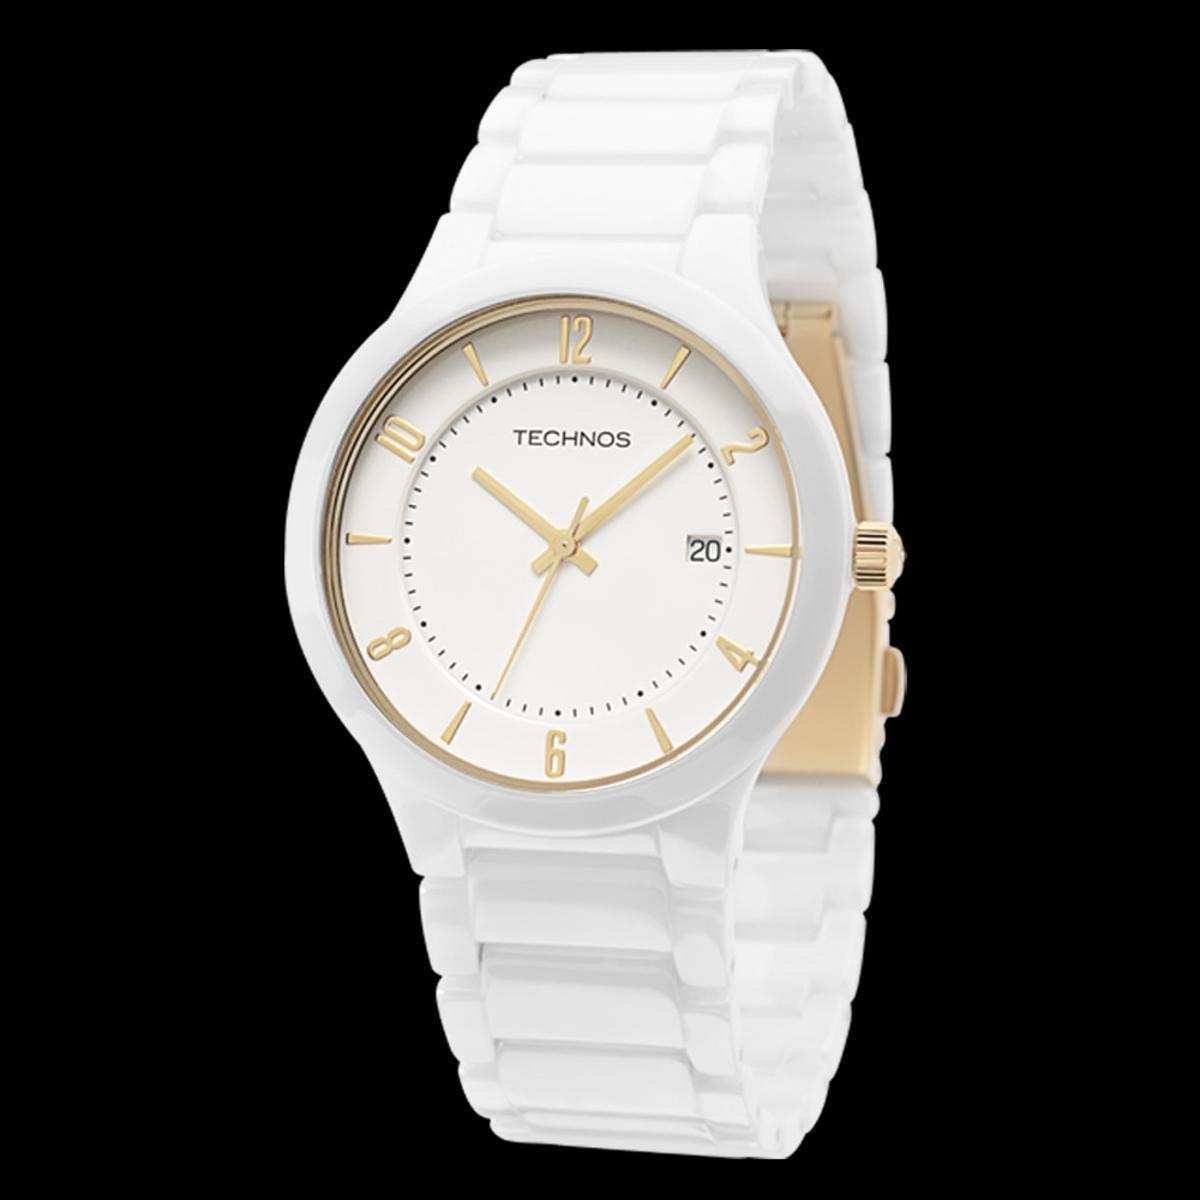 Relógio Technos Elegance Ceramic - Compre Agora   Zattini b3387ef3e9